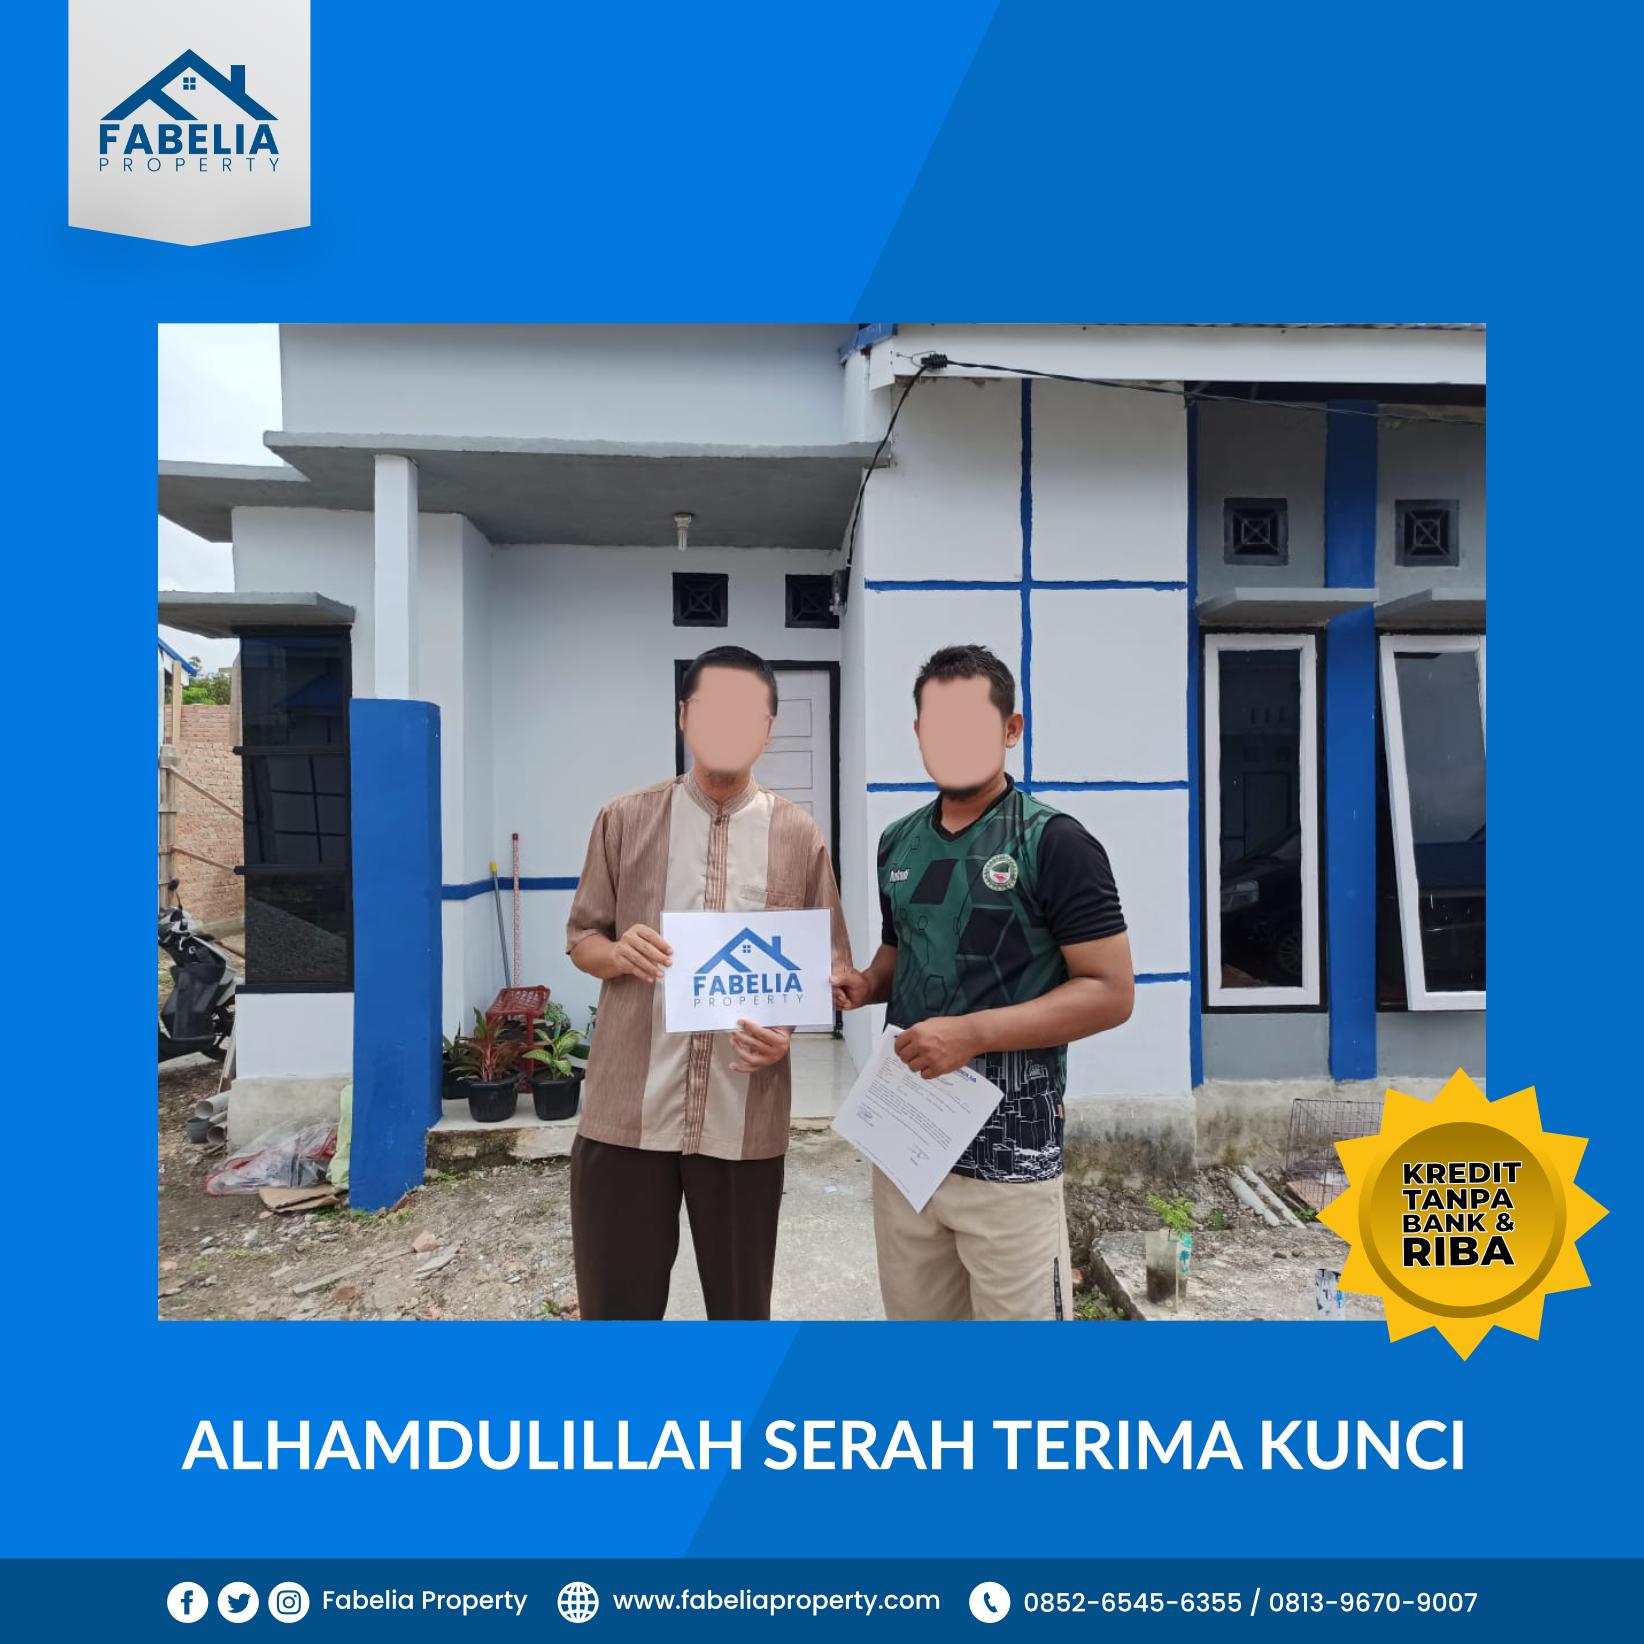 Tahun 2020 Bisa Punya Rumah Tanpa Bank dan Tanpa Riba di Pekanbaru